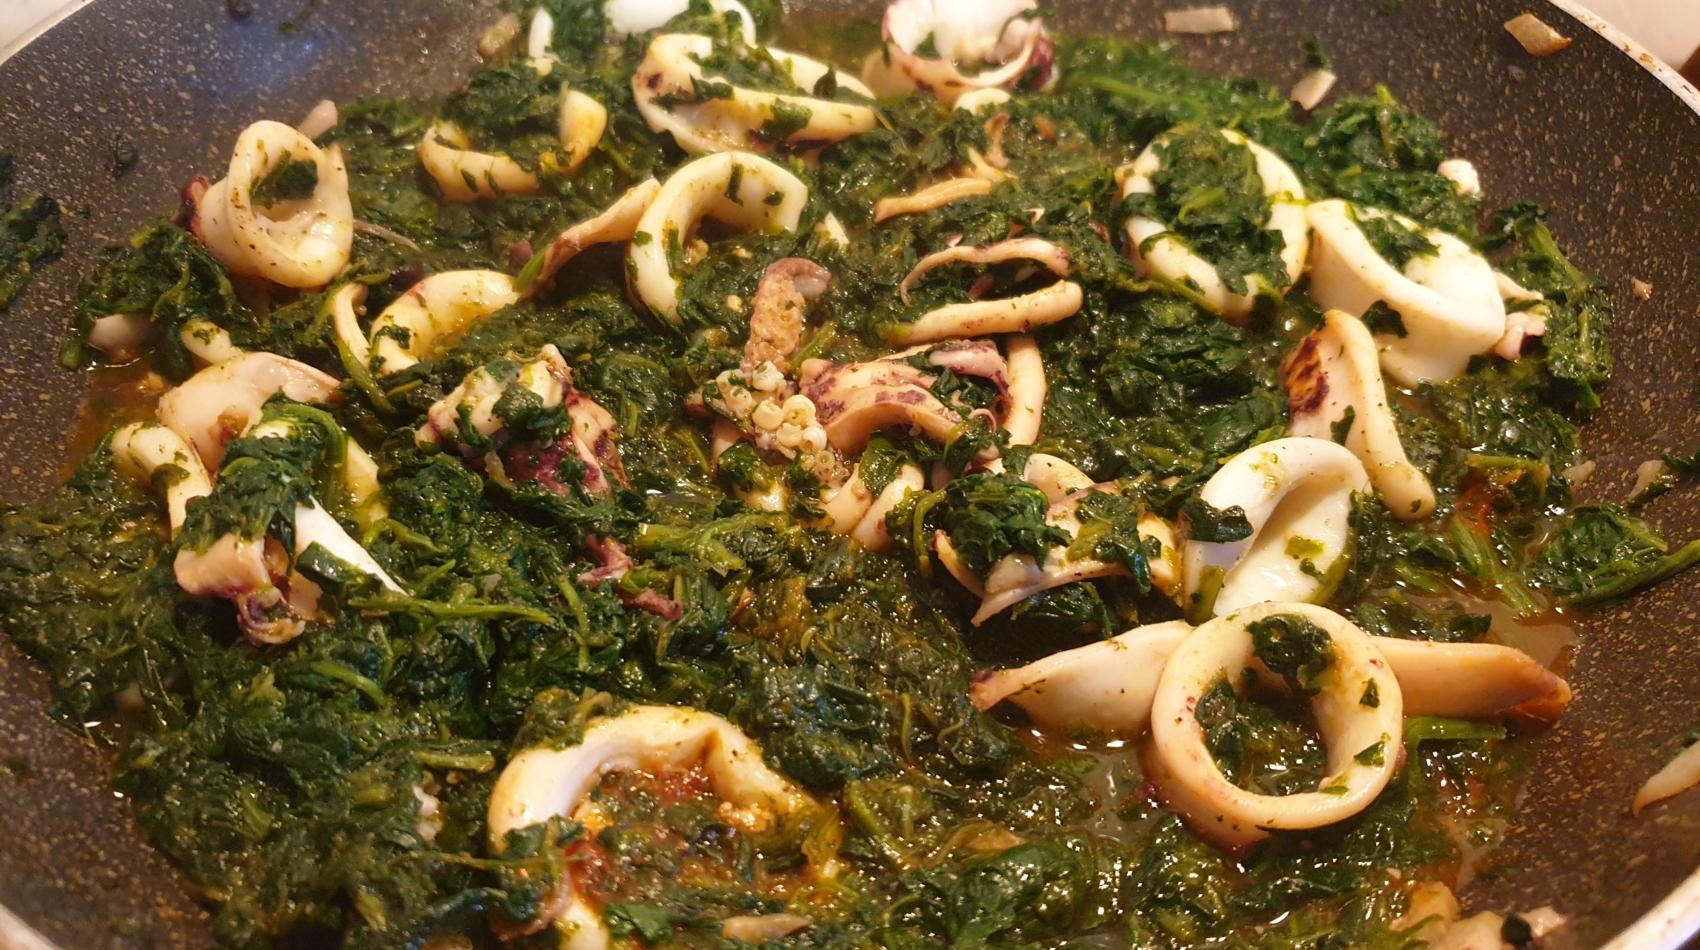 Calamari con Aglione della Valdichiana e Spinaci - Agricola Valdichiana Rampi - Filosofie Cucina